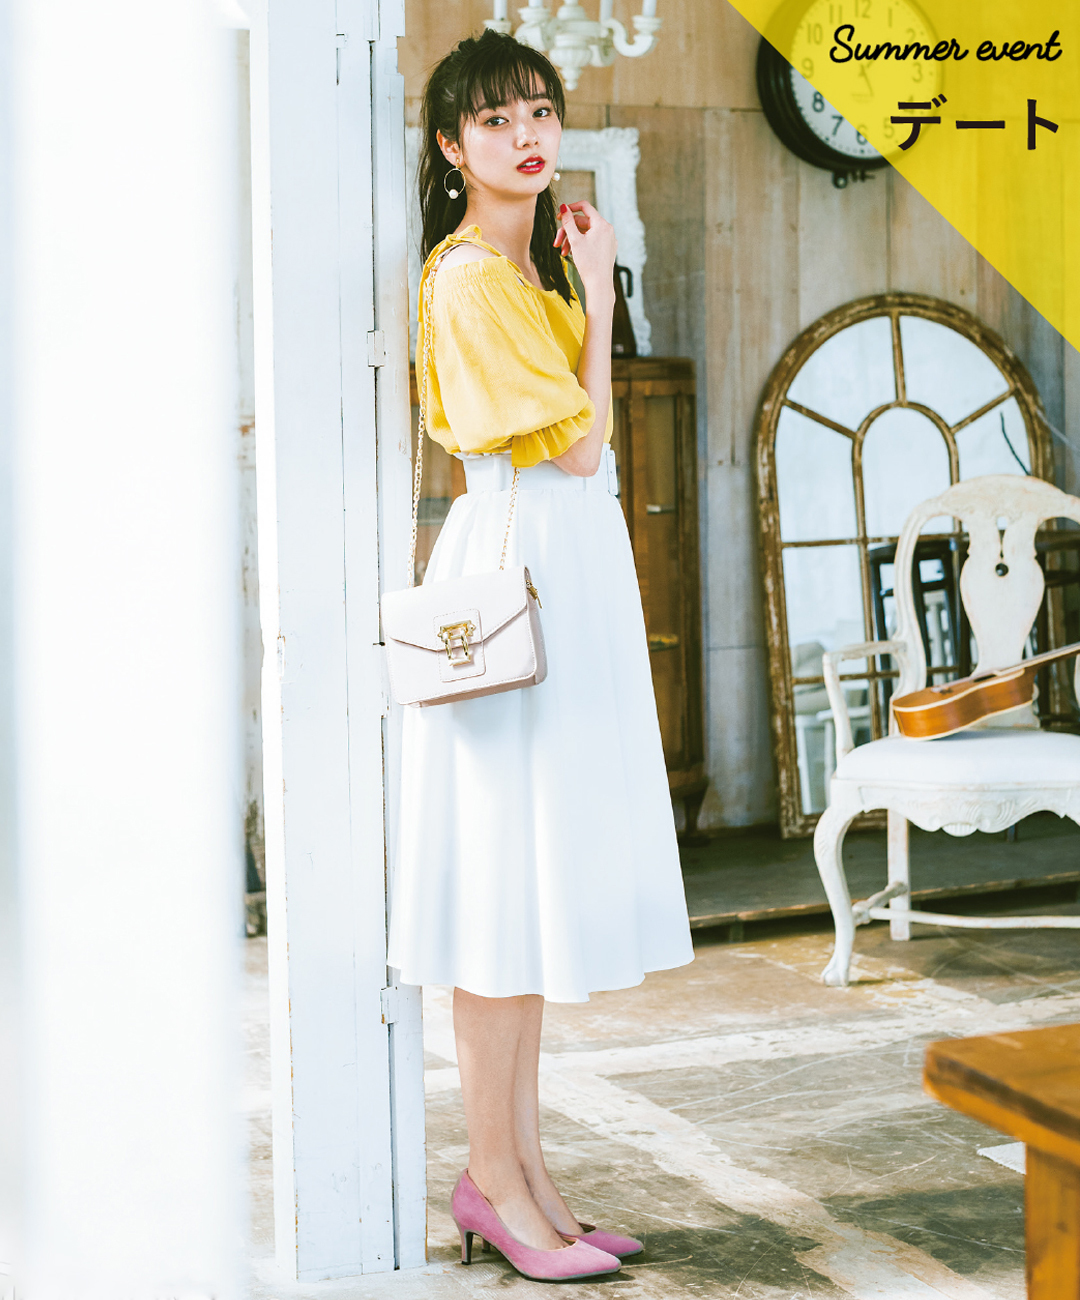 【夏のロングスカートコーデ】新川優愛の、まぶしいほど爽やかな配色できゅんとさせちゃう女っぽコーデ♡